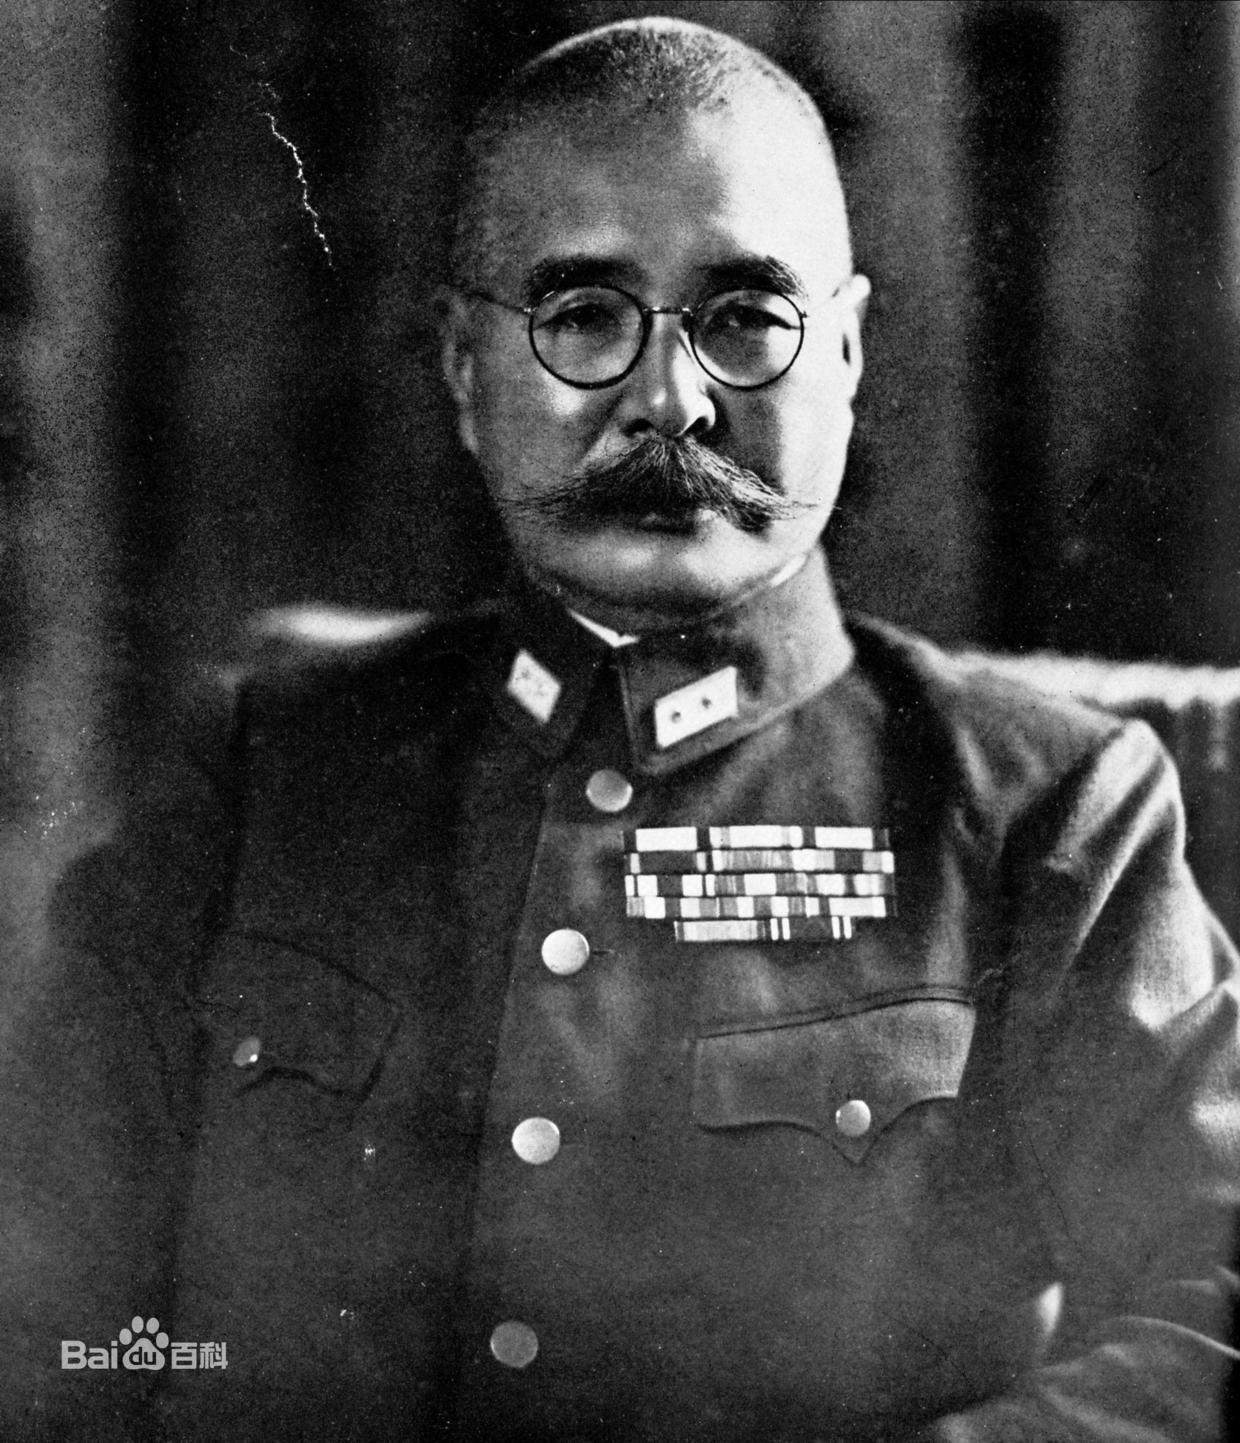 法庭审判战犯东条, 时间裁决天皇裕仁(66)